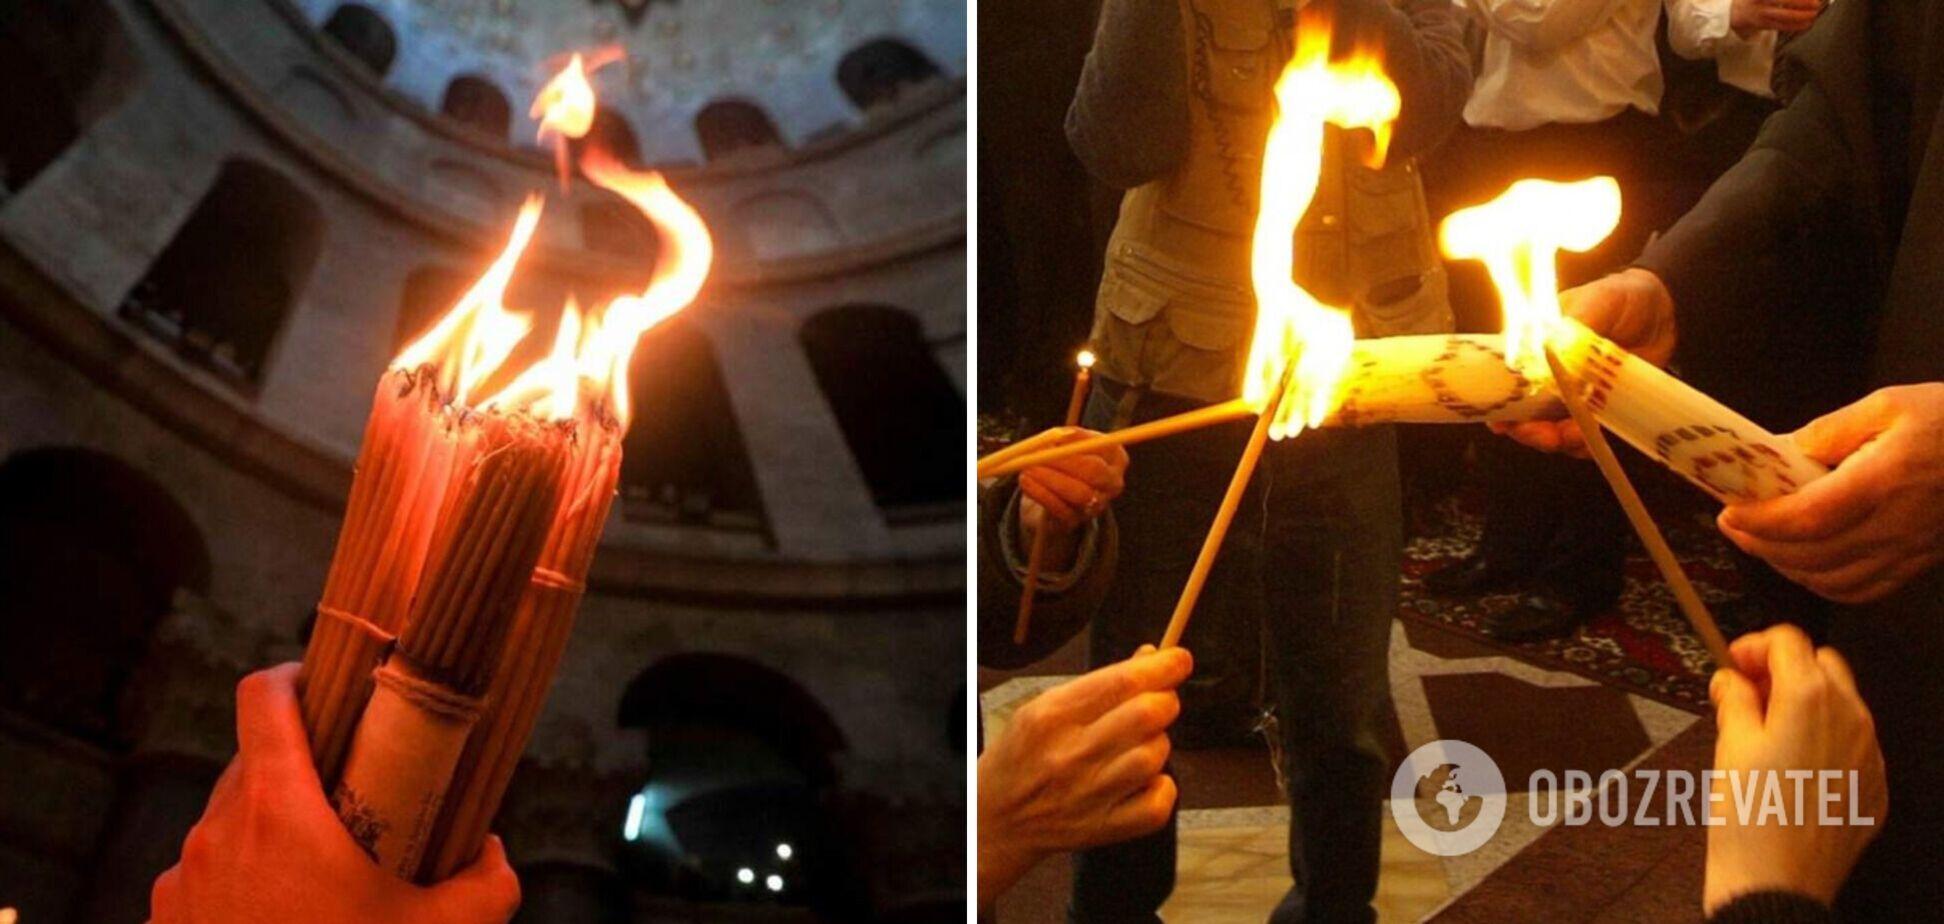 УПЦ МП привезли Благодатный огонь в Украину, ПЦУ ожидают его на Пасху